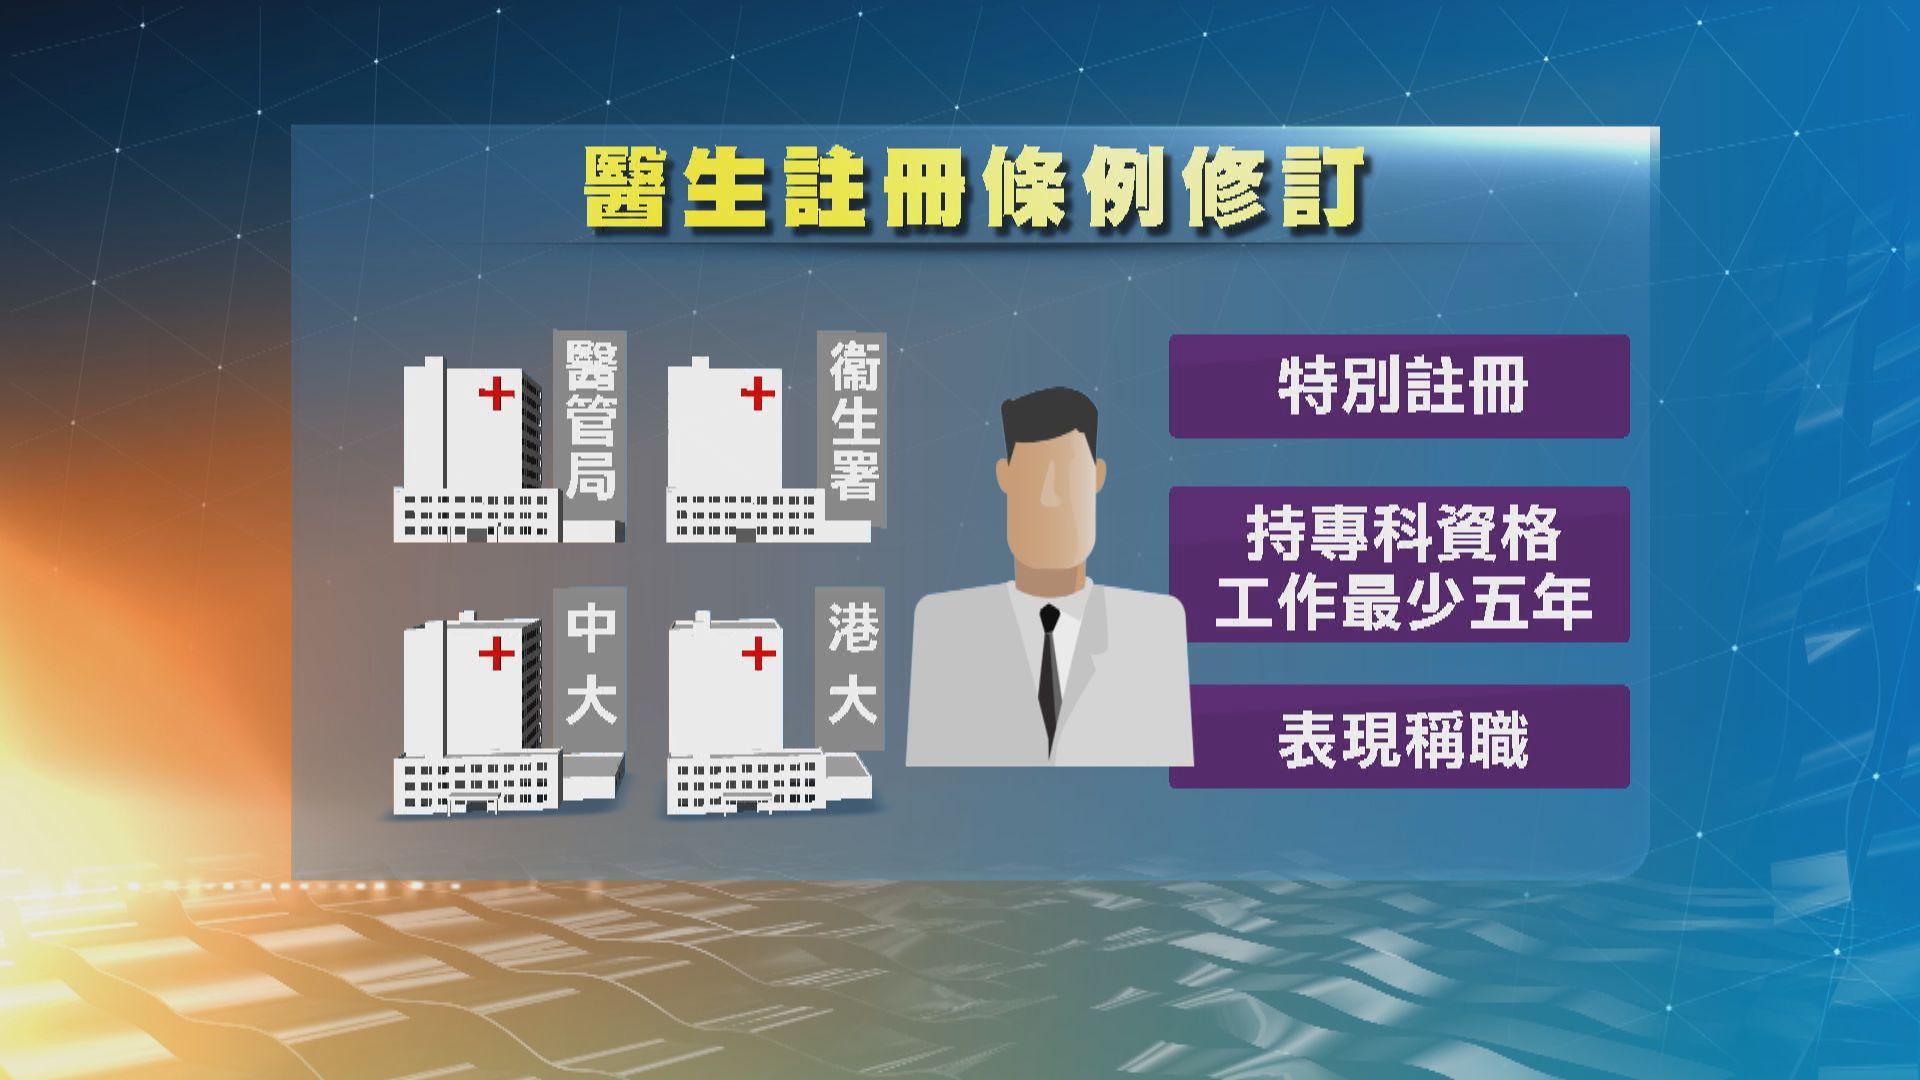 陳肇始:引入海外醫生不影響醫科生就業及專科培訓